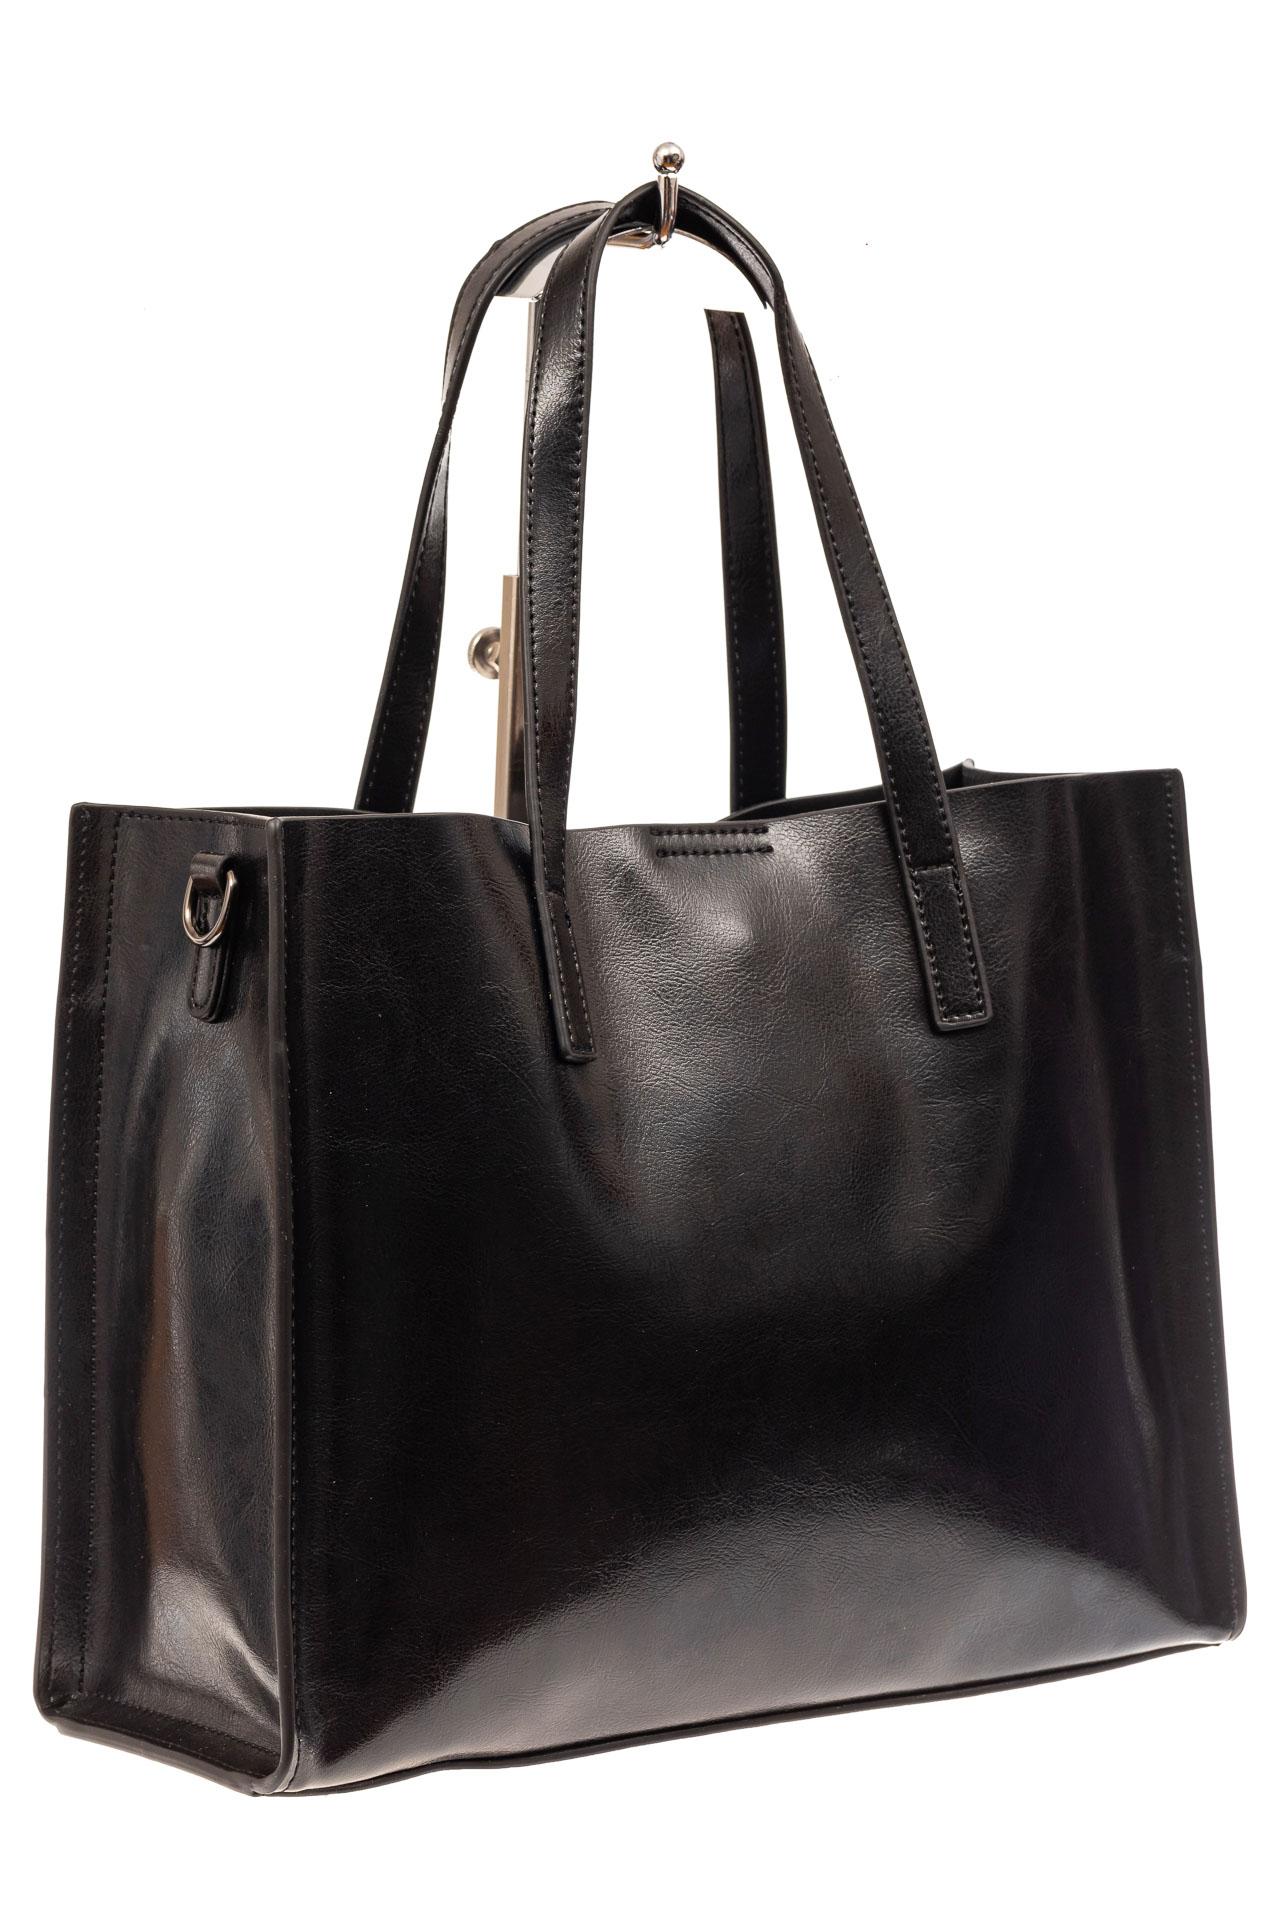 Женская сумка тоут из натуральной кожи, цвет черный910NK0520/1